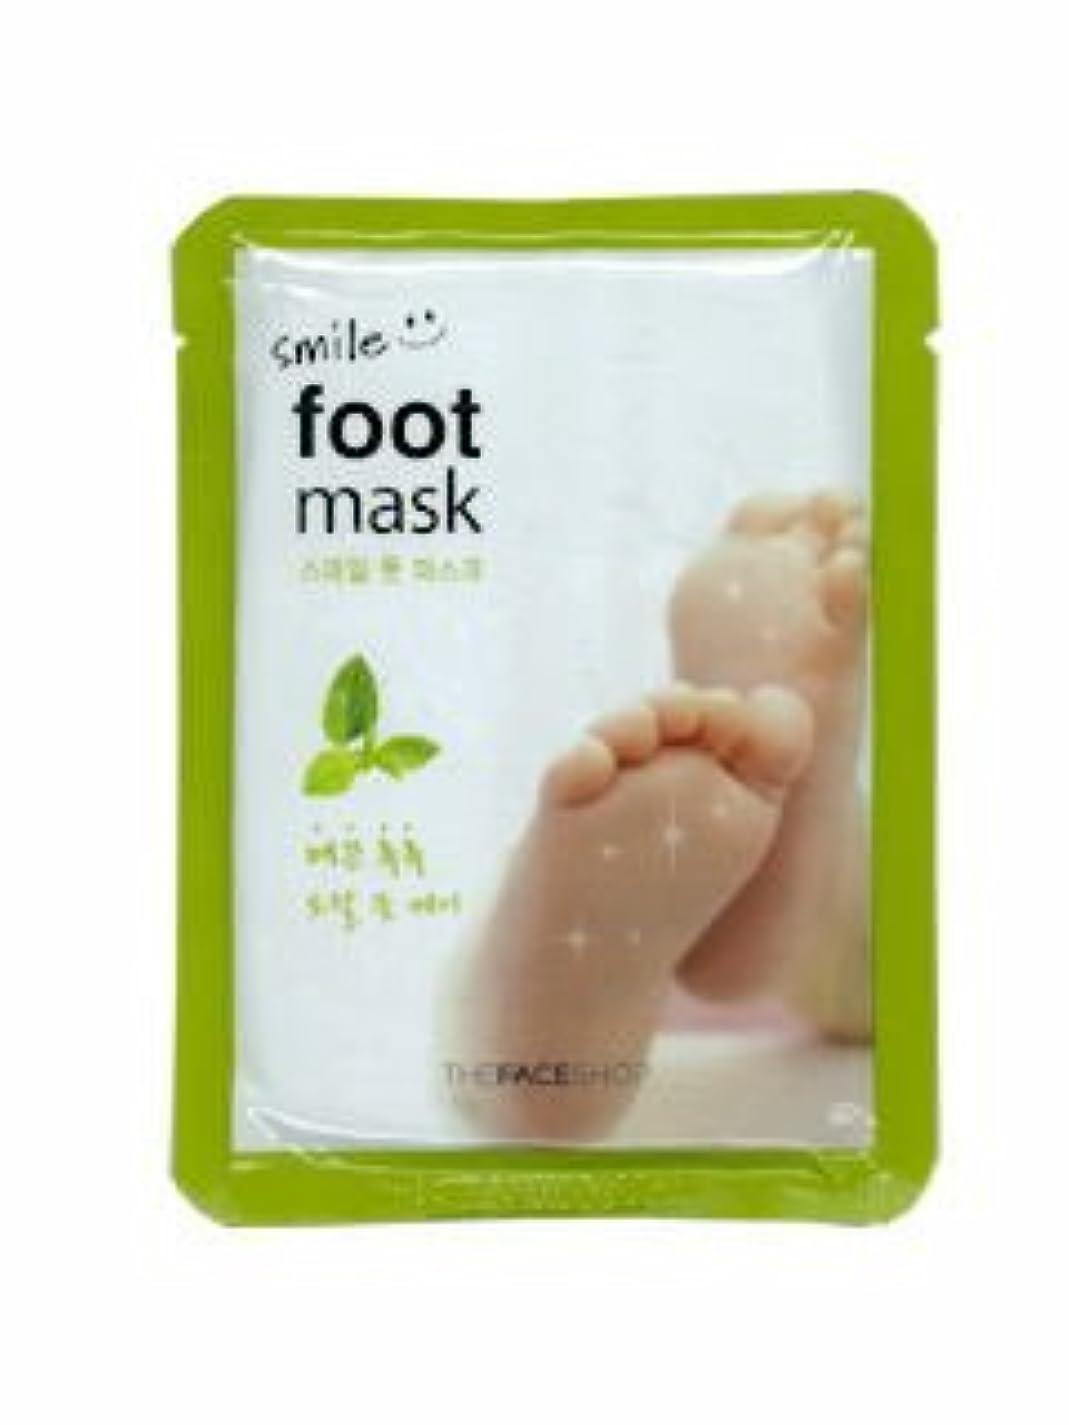 ニュース遅い敬な【THE FACE SHOP ( ザフェイスショップ )】 SMILE FOOT MASK スマイル フット マスク